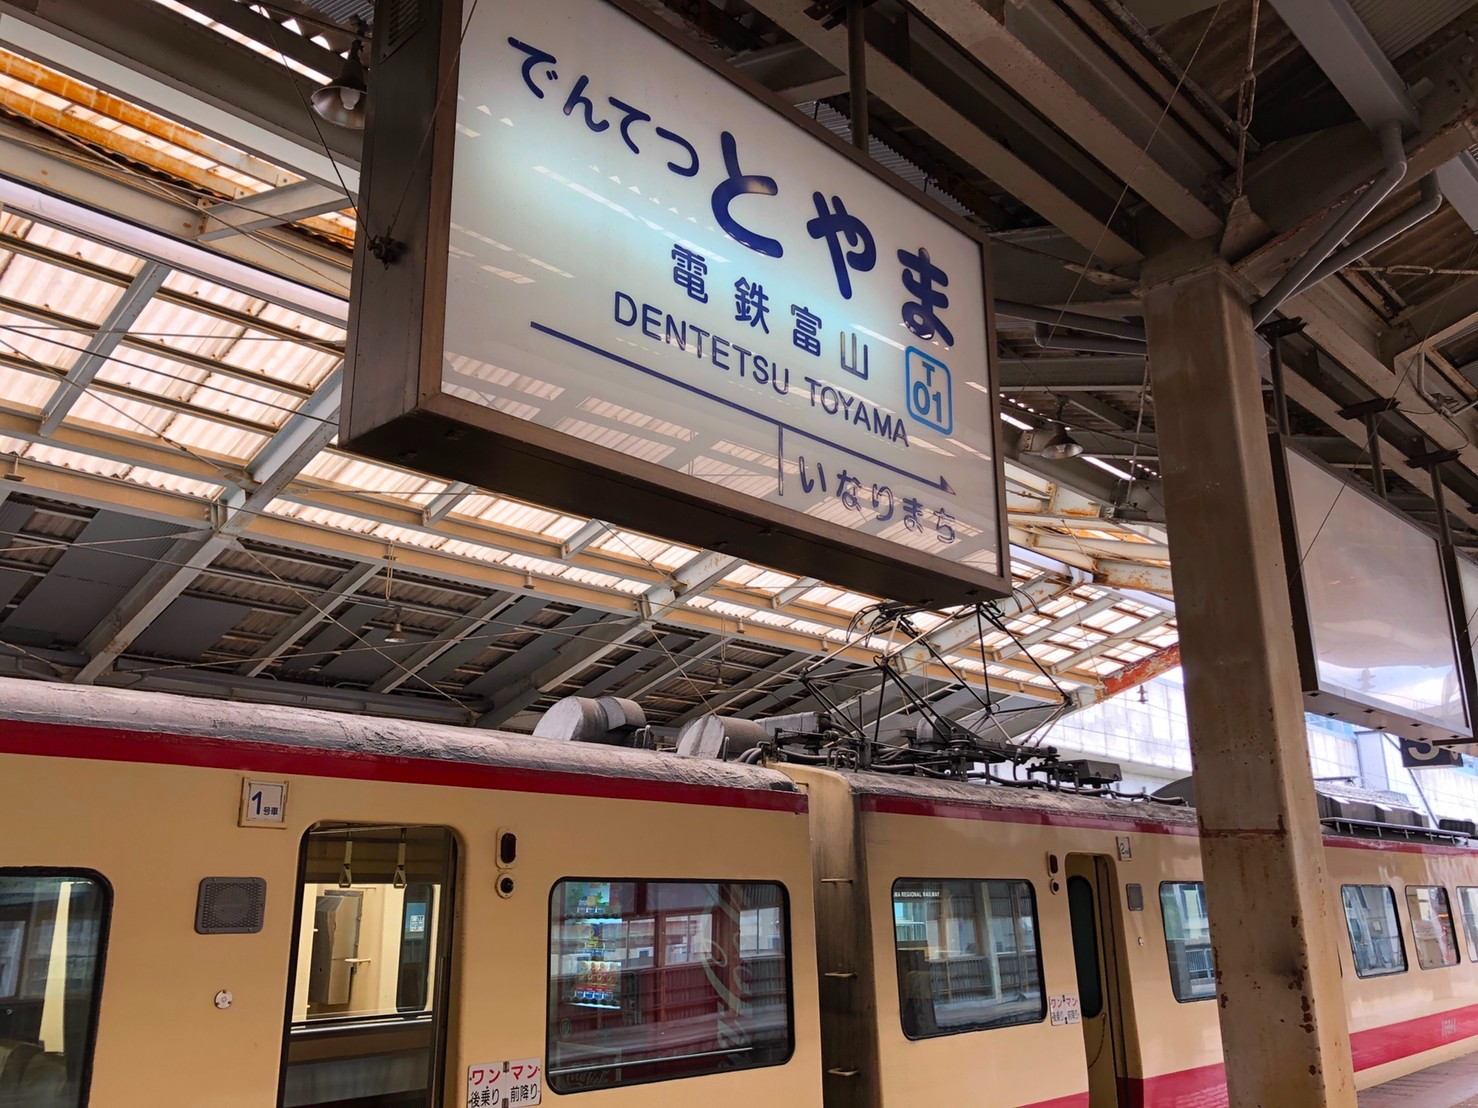 toyama-dentetsu-station